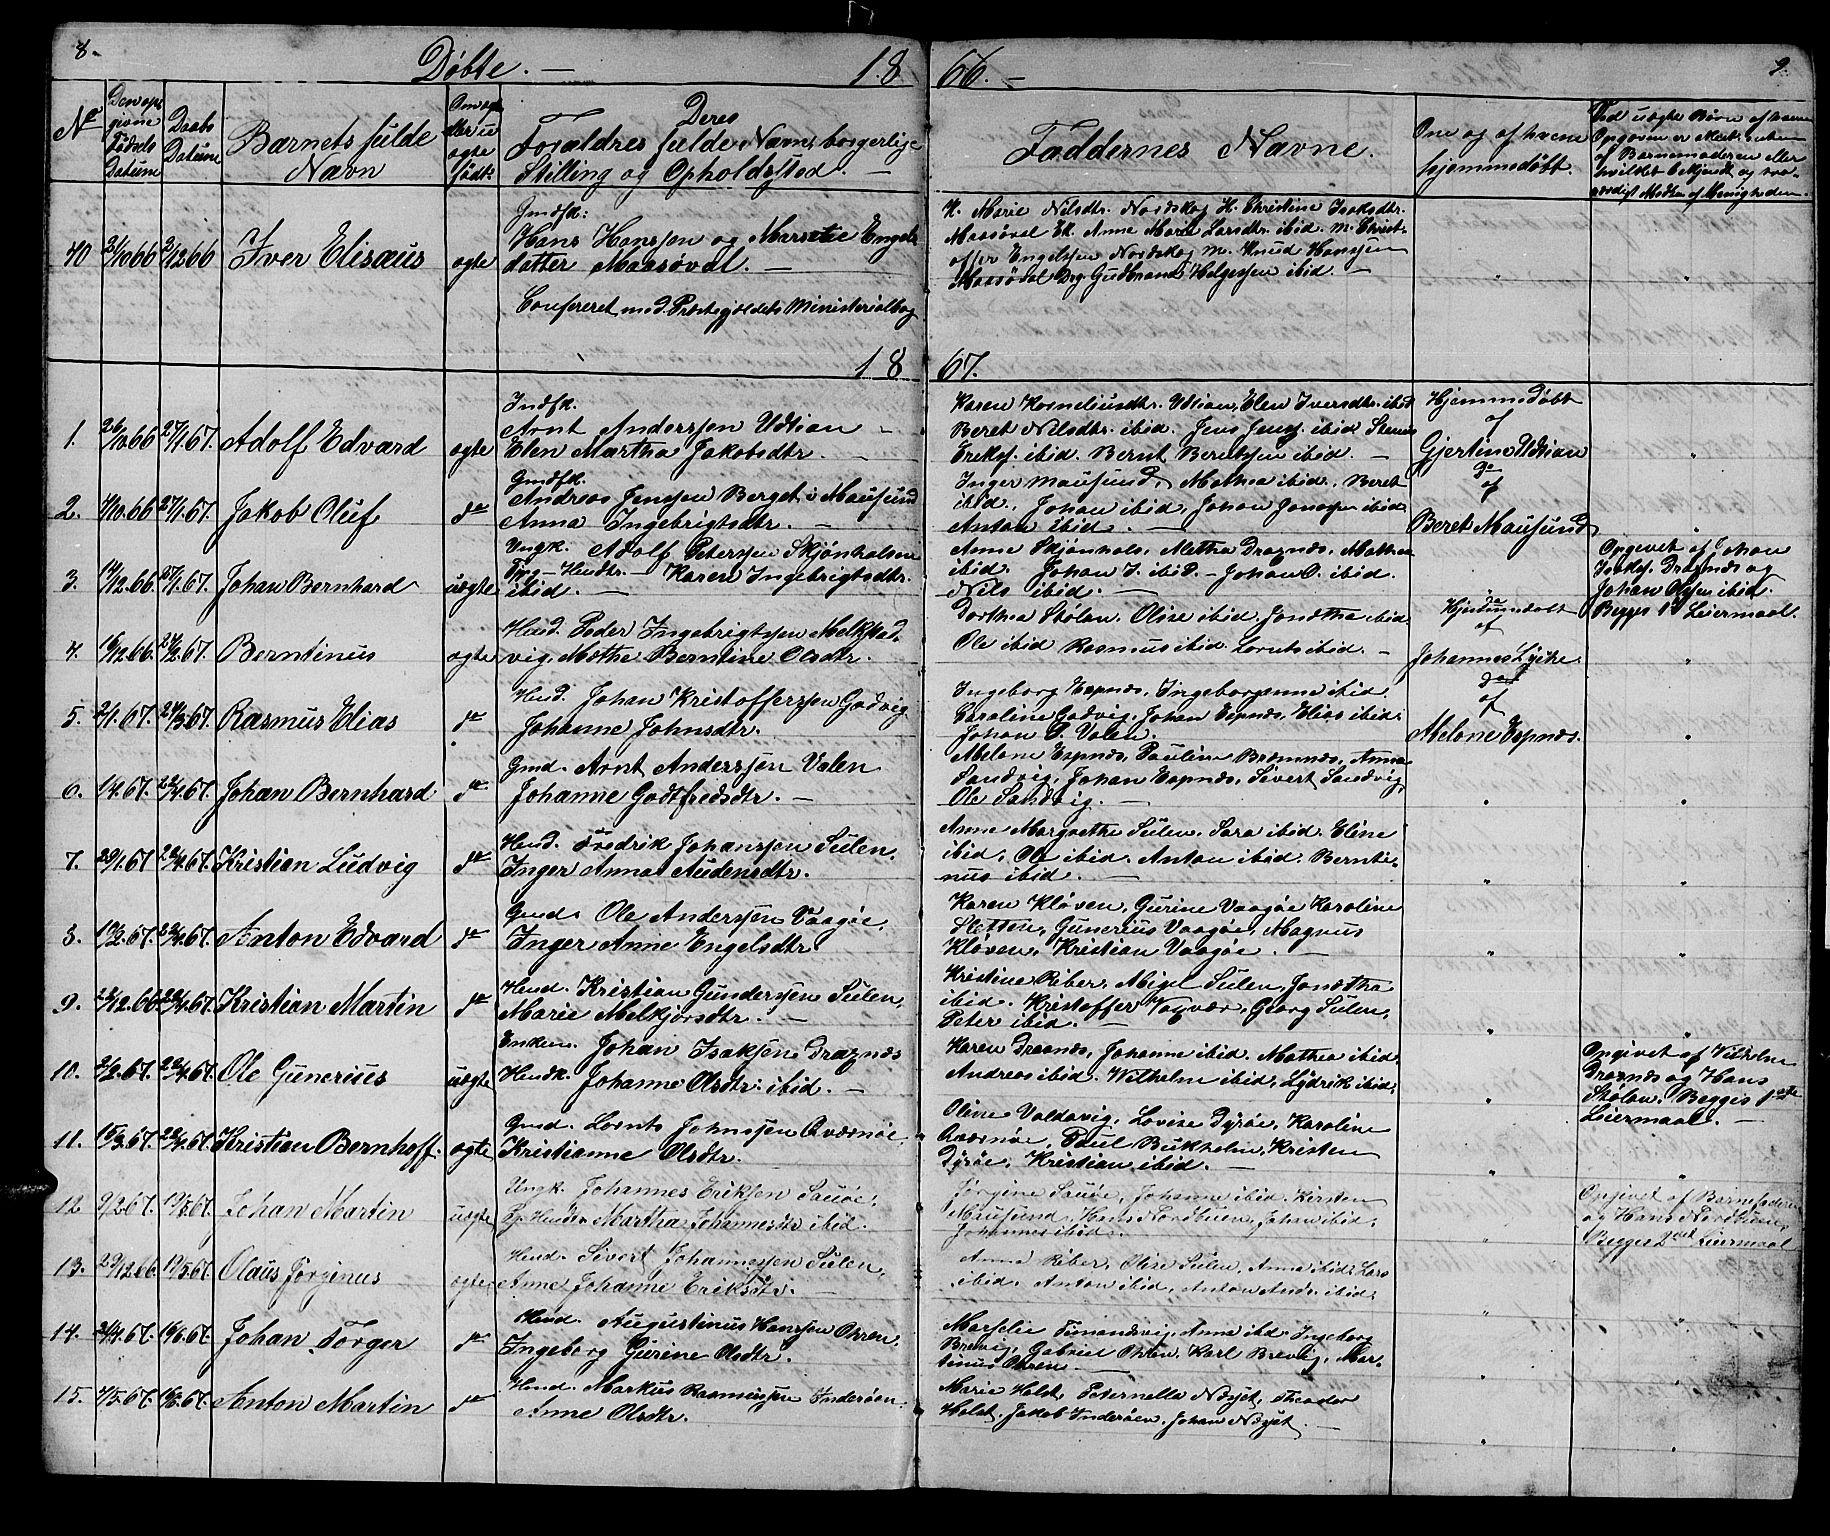 SAT, Ministerialprotokoller, klokkerbøker og fødselsregistre - Sør-Trøndelag, 640/L0583: Klokkerbok nr. 640C01, 1866-1877, s. 8-9